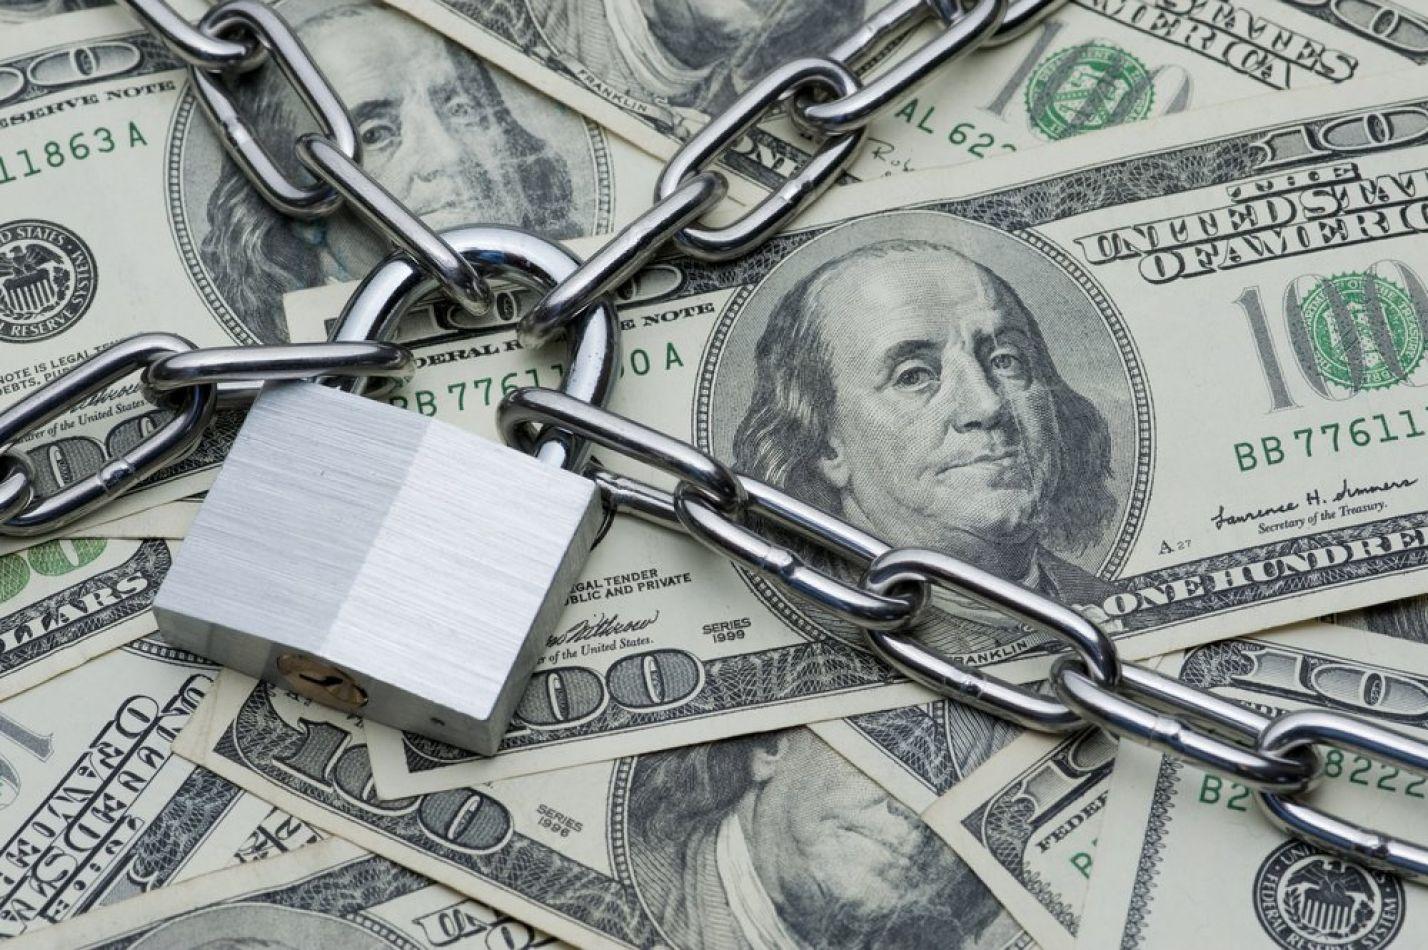 El Banco Central limitó la compra de 200 dólares por mes a través de cuenta corriente